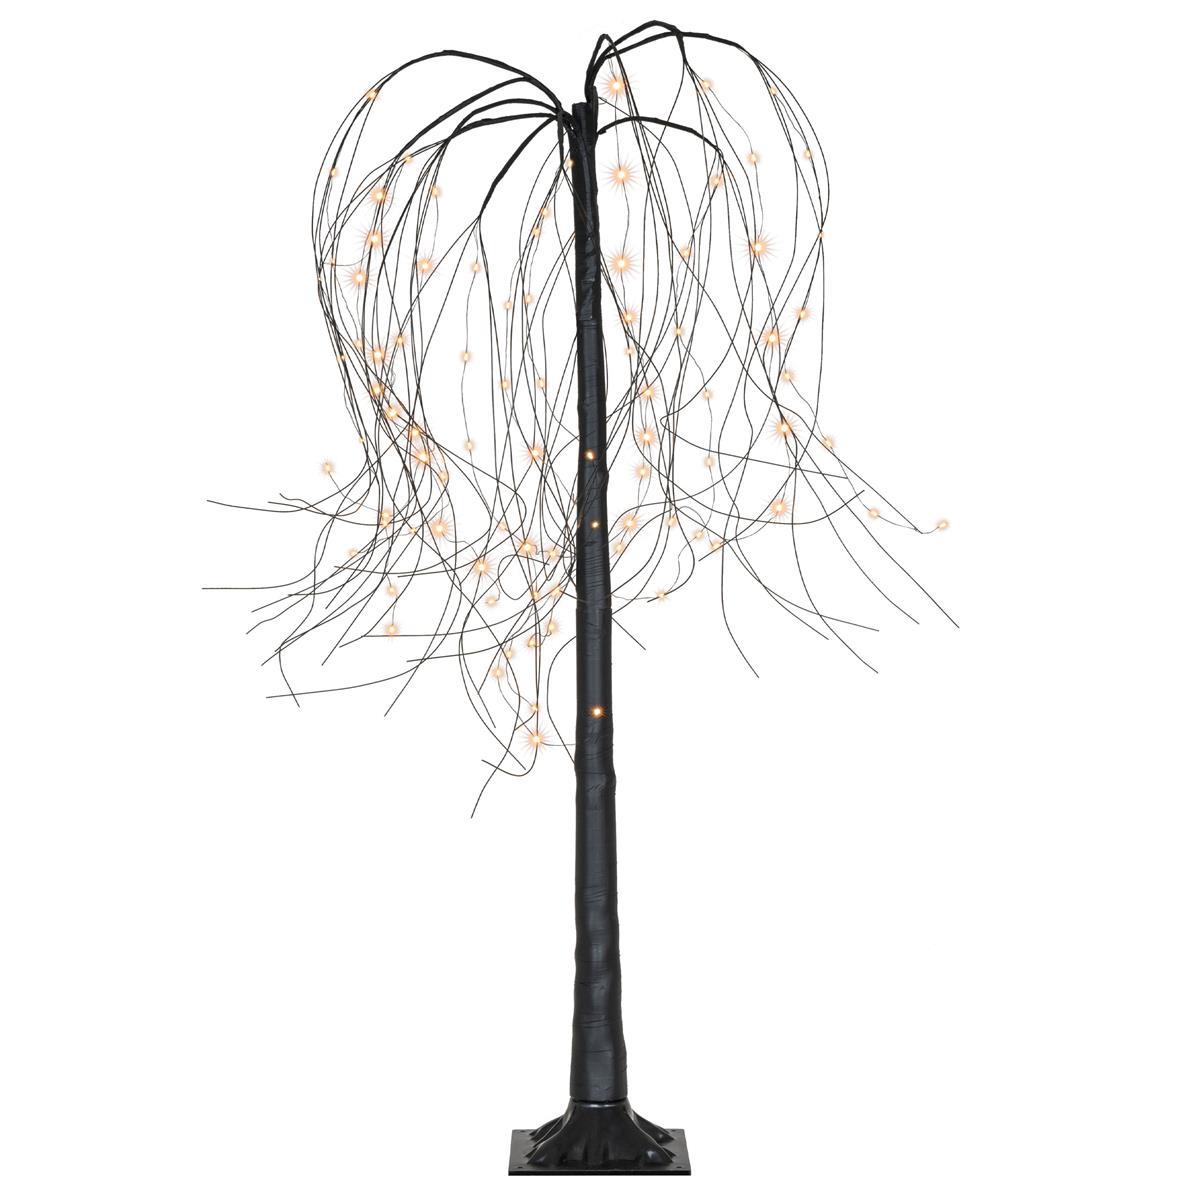 Weidenbaum Deko-Baum Trauerweide 96 LED warm weiß schwarz 150 cm Timer